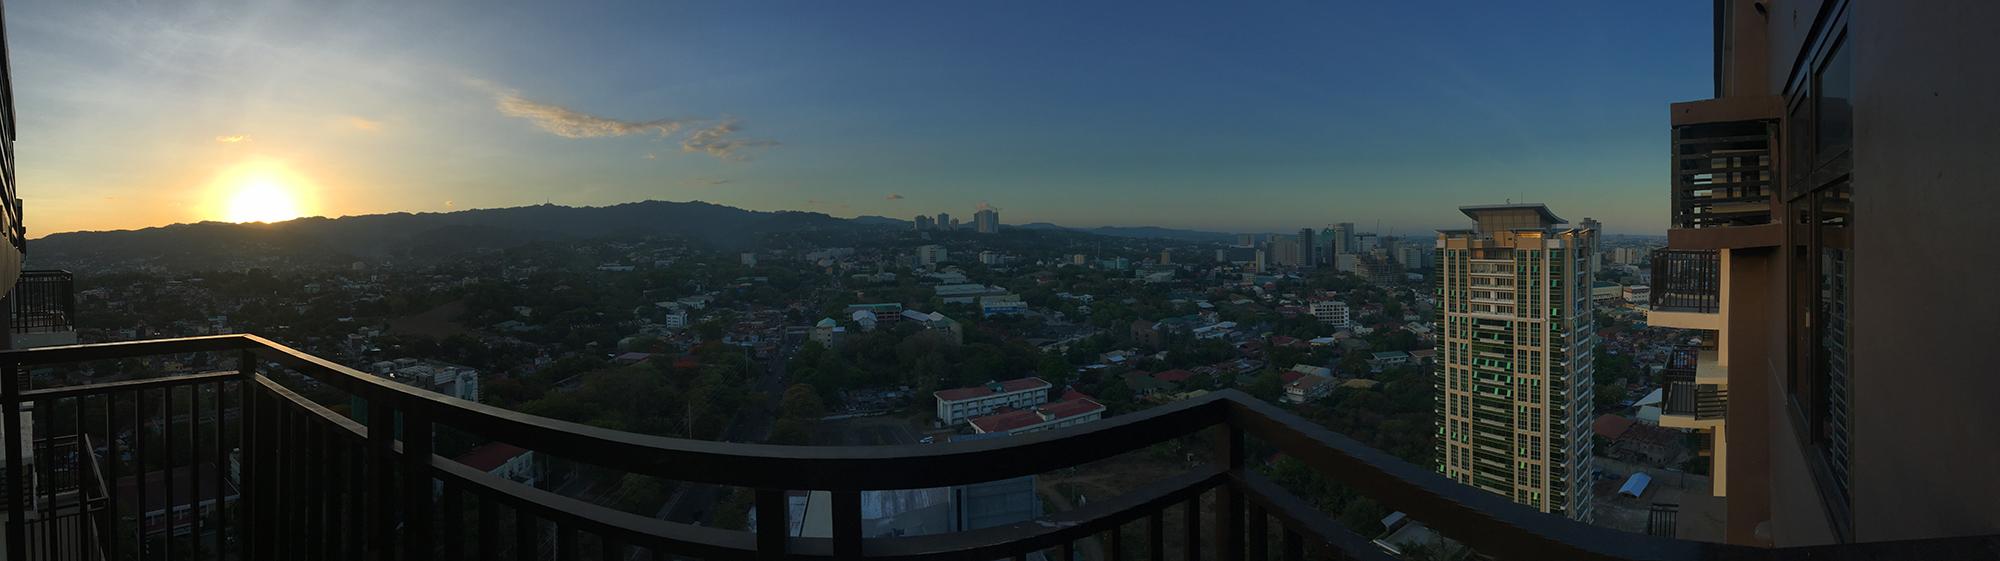 Fully furnished 1 Bedroom unit with balcony and parking at Azalea Place, Gorordo Lahug, Cebu City